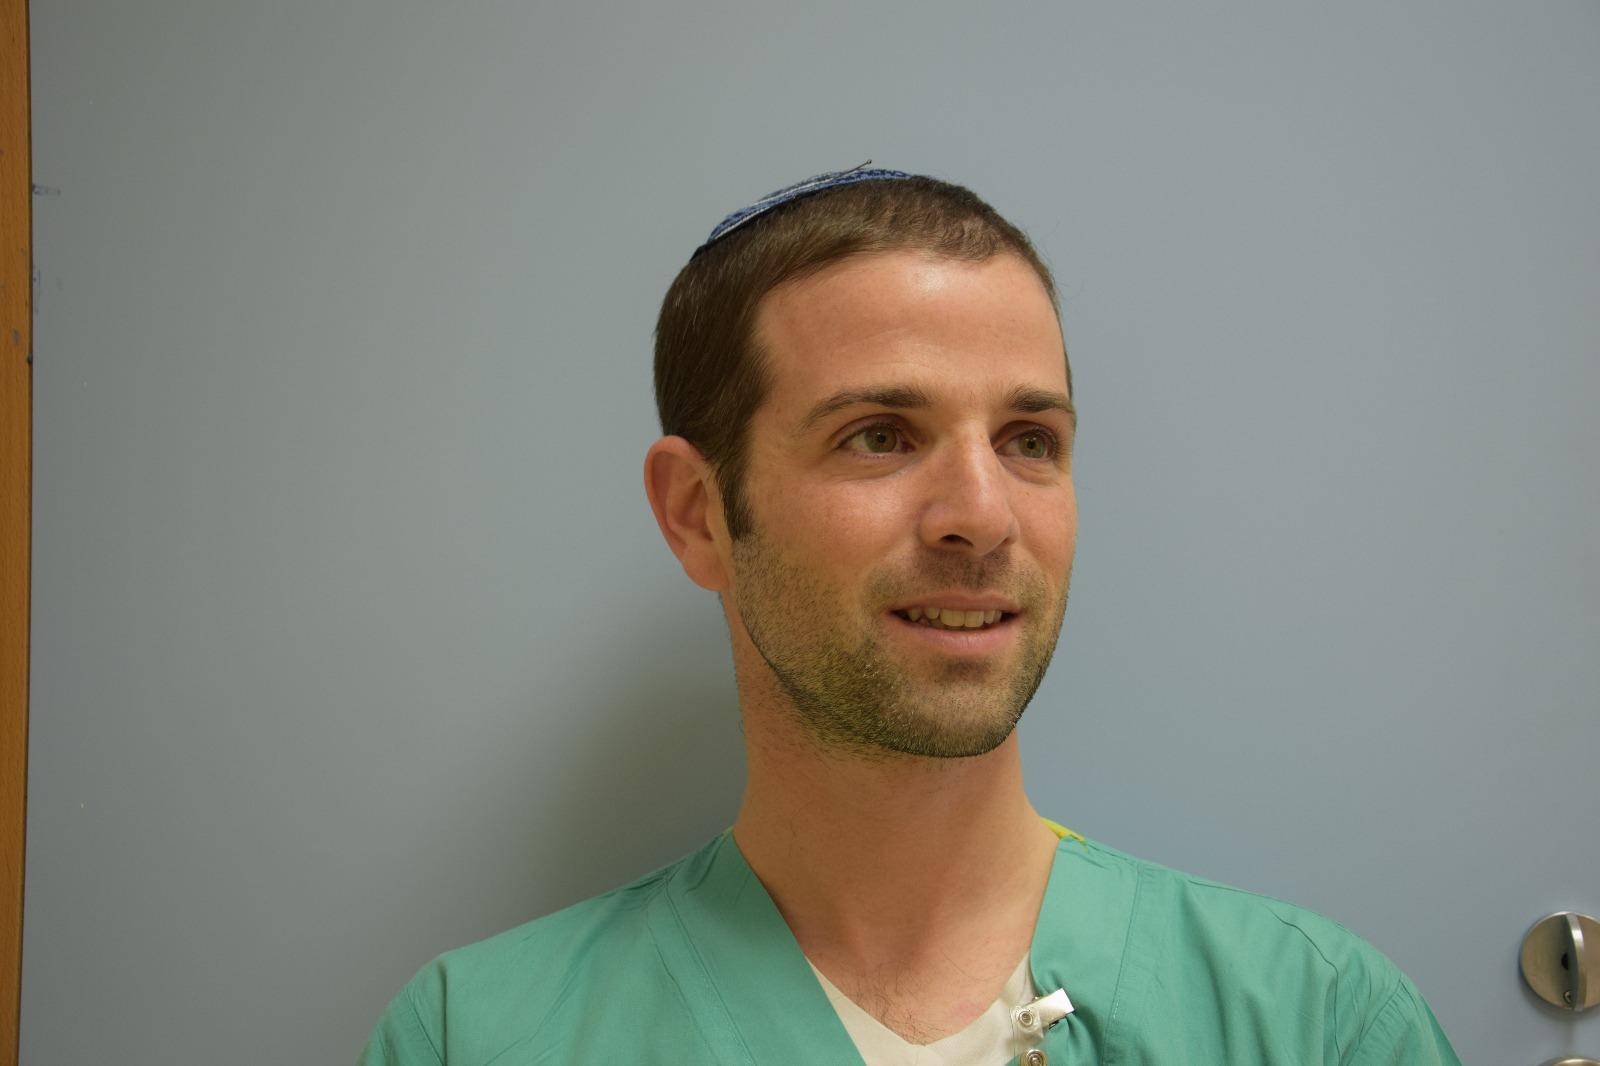 טיפול בדליות ברגלים ללא ניתוח